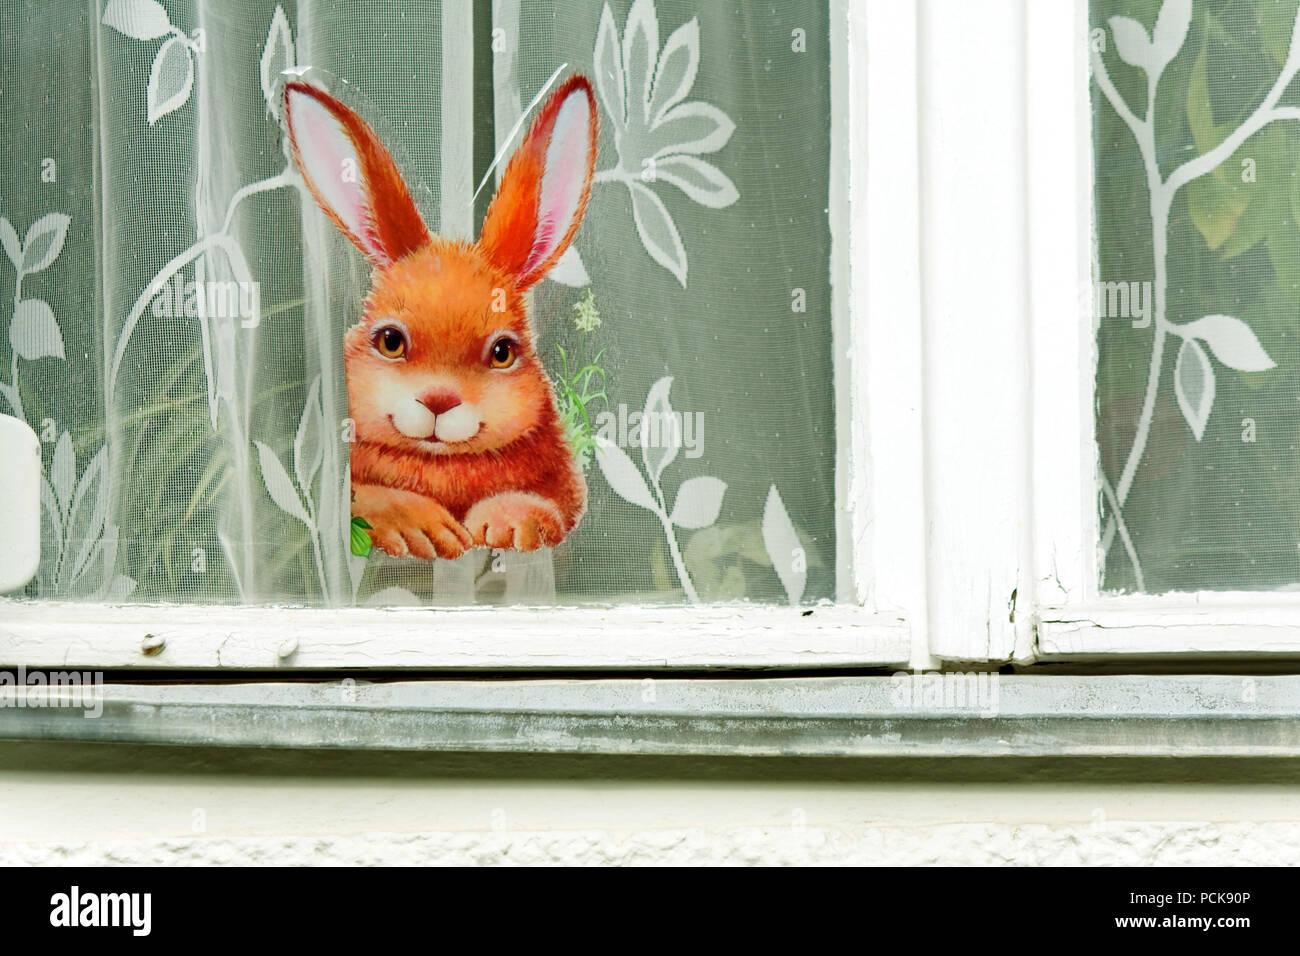 Osterhasen, Osterdekoration, Fensterglas Stockbild